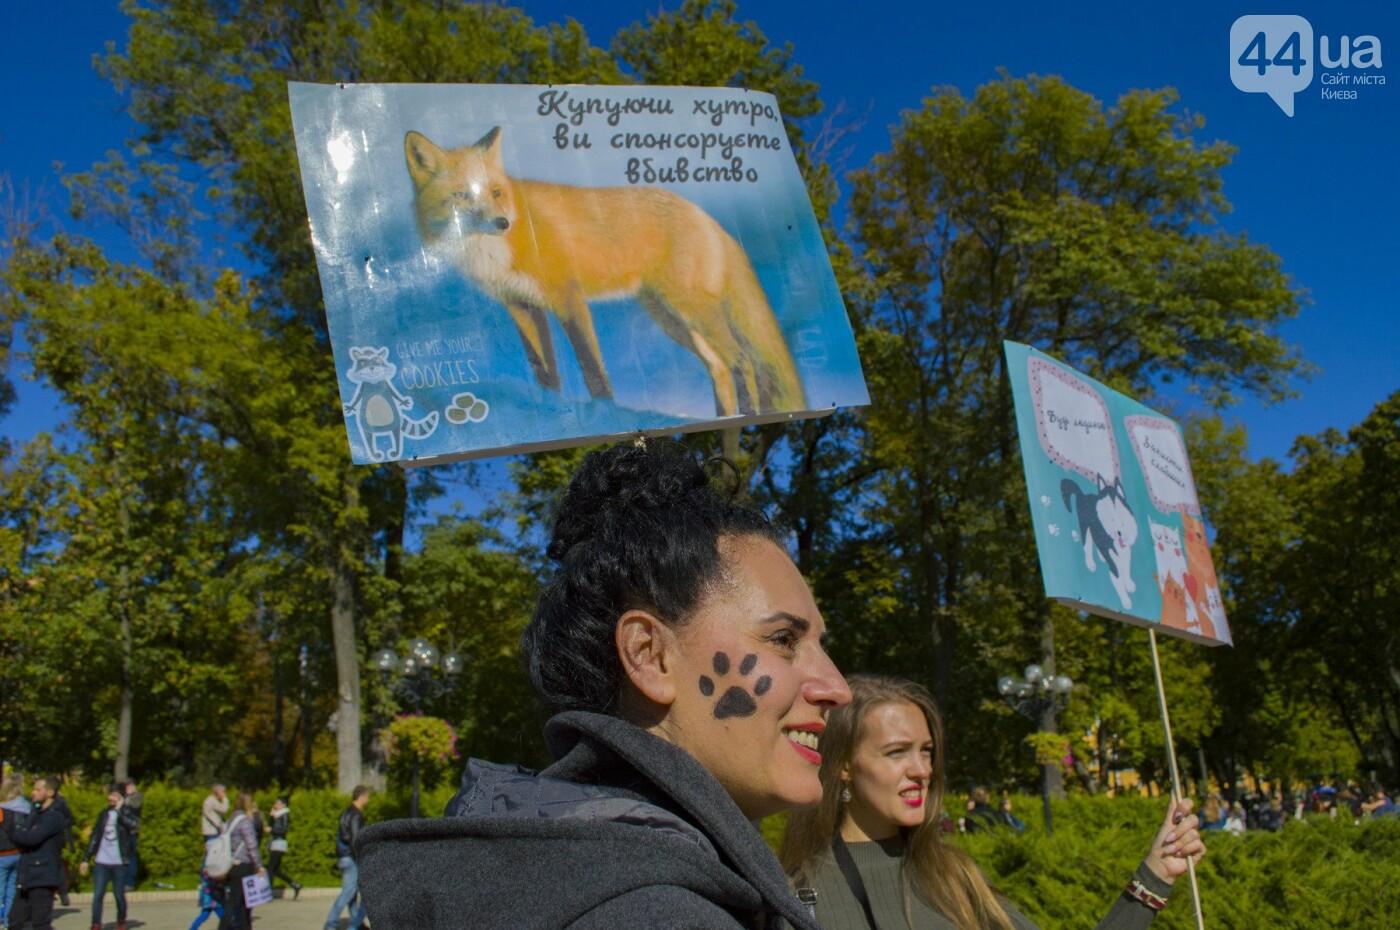 Собаки, коты и хомячки: в Киеве прошла акция за права животных, - ФОТОРЕПОРТАЖ, фото-14